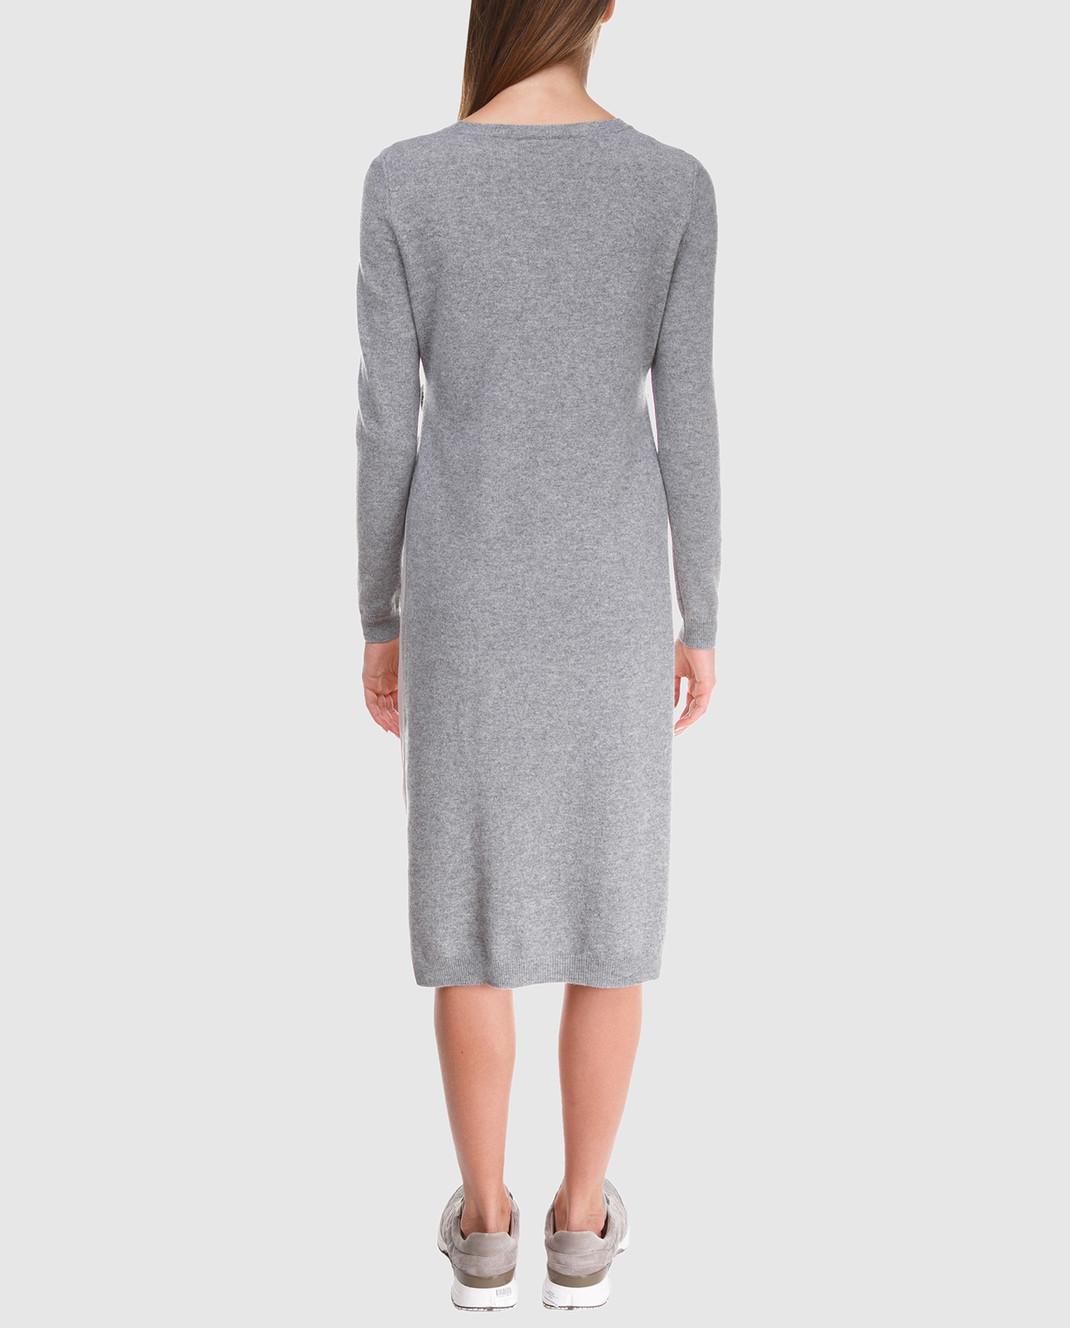 Peserico Серое платье из шерсти S82017F12U9018 изображение 4